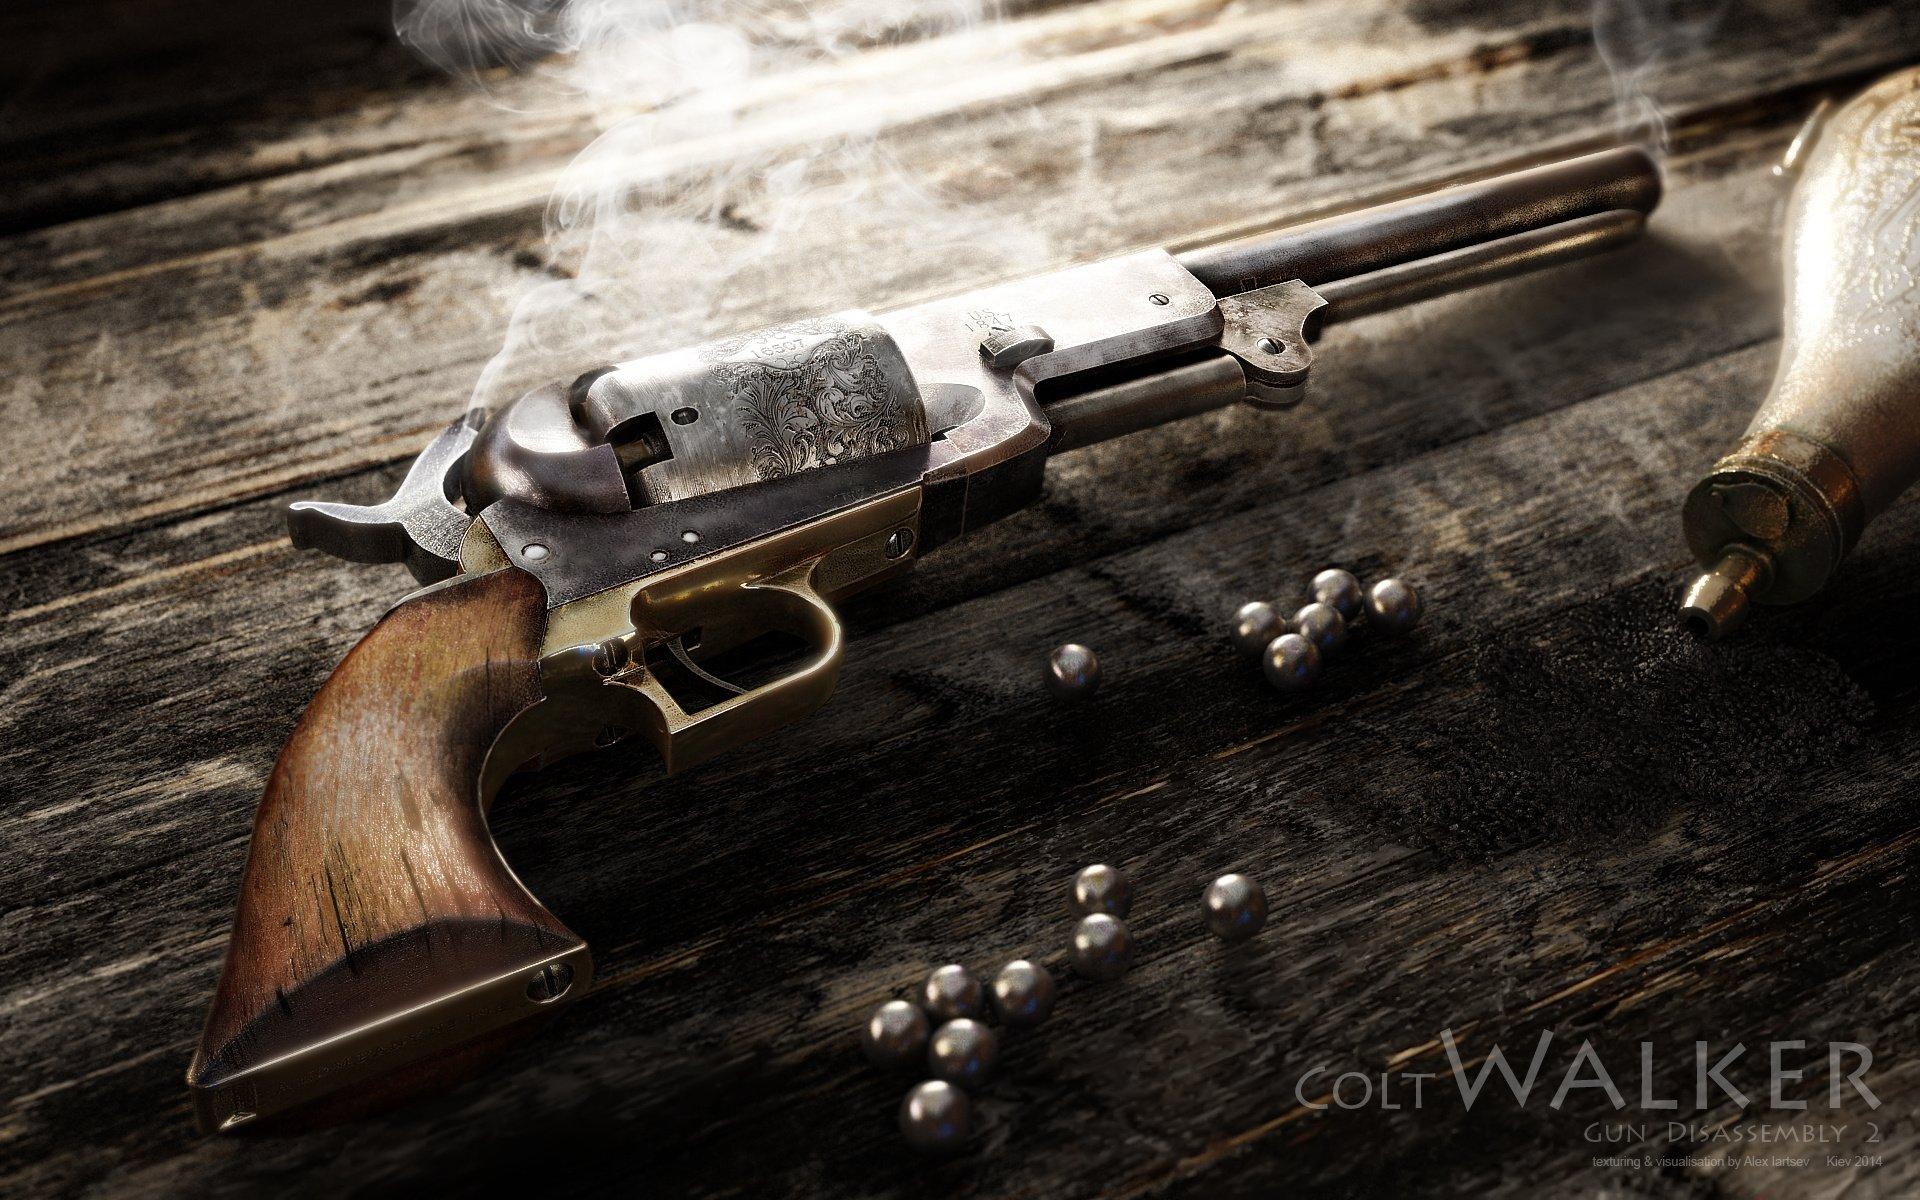 Colt Walker Weapon Pistol Western Wallpaper